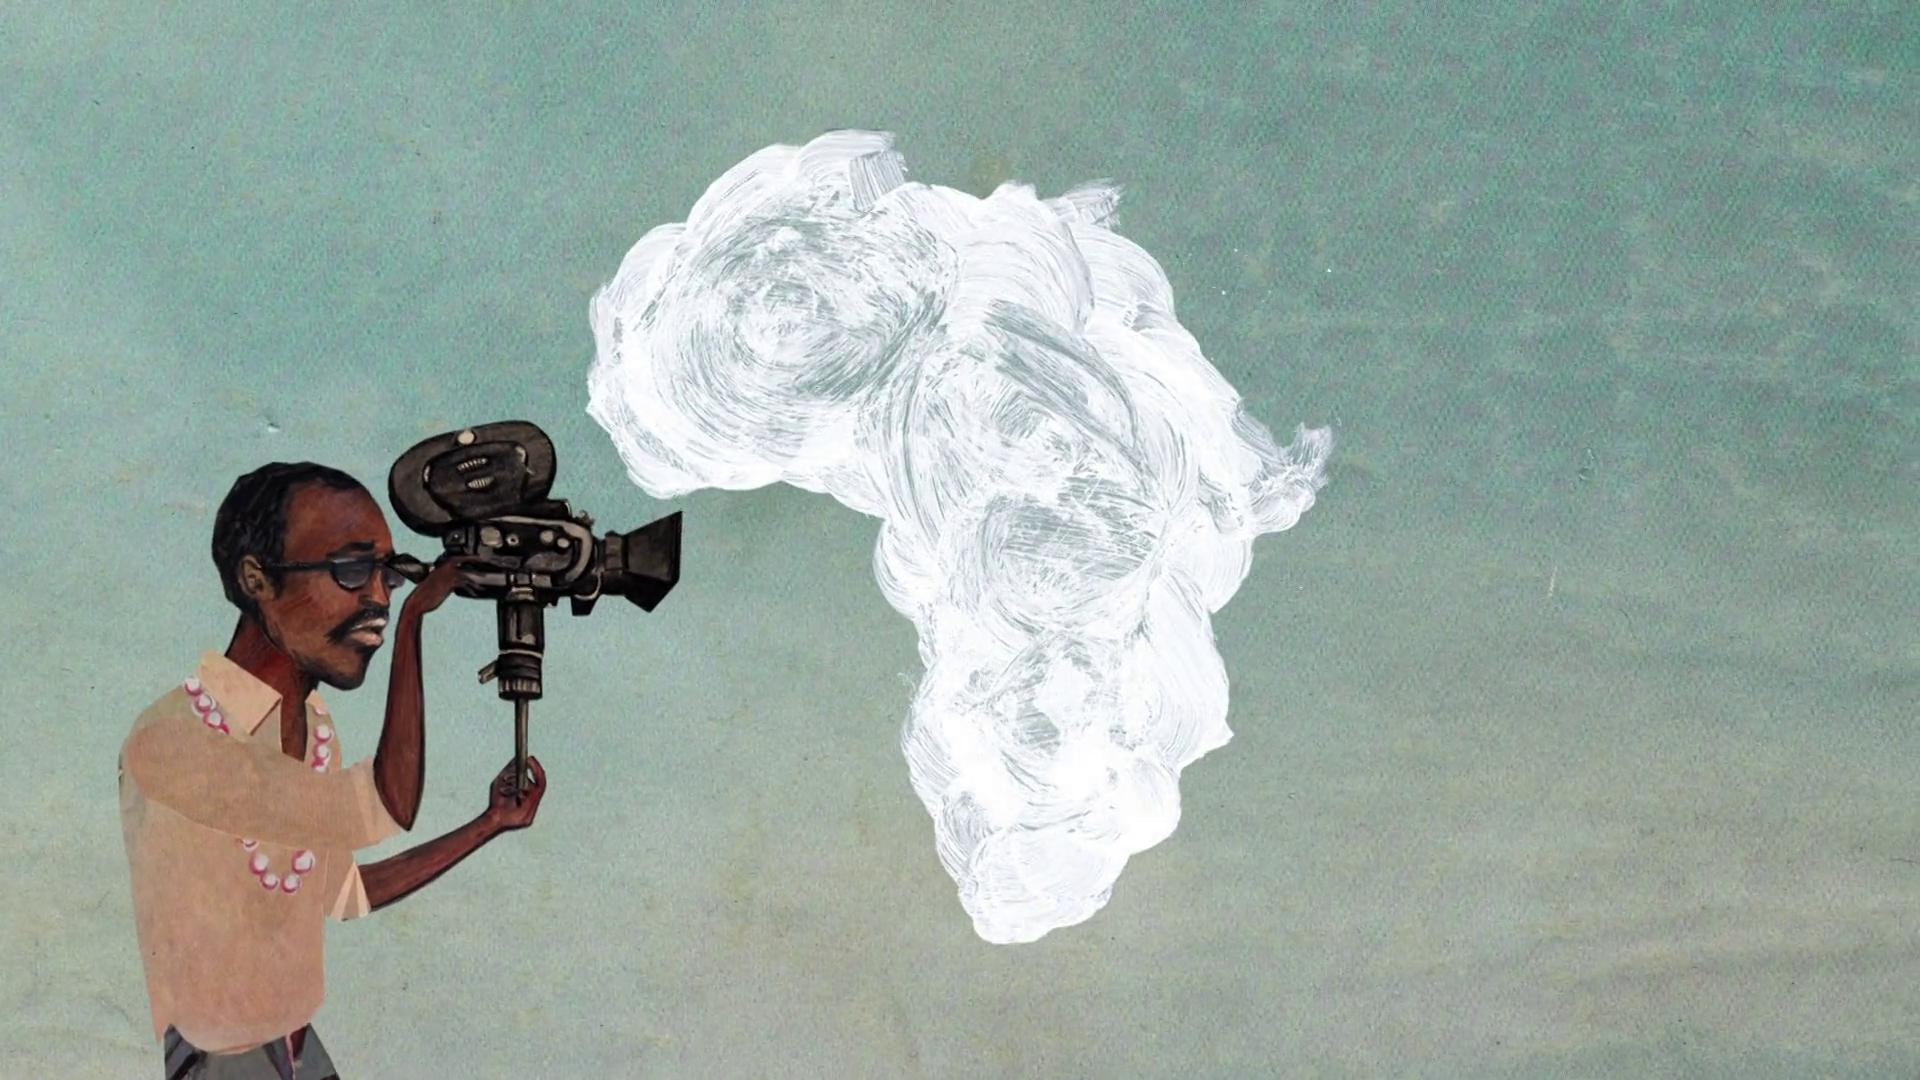 Cinema Internacional: Cinemas Africanos - Oferecida pela última vez no semestre letivo 2017.2Faculdade de Comunicação (UFBA)